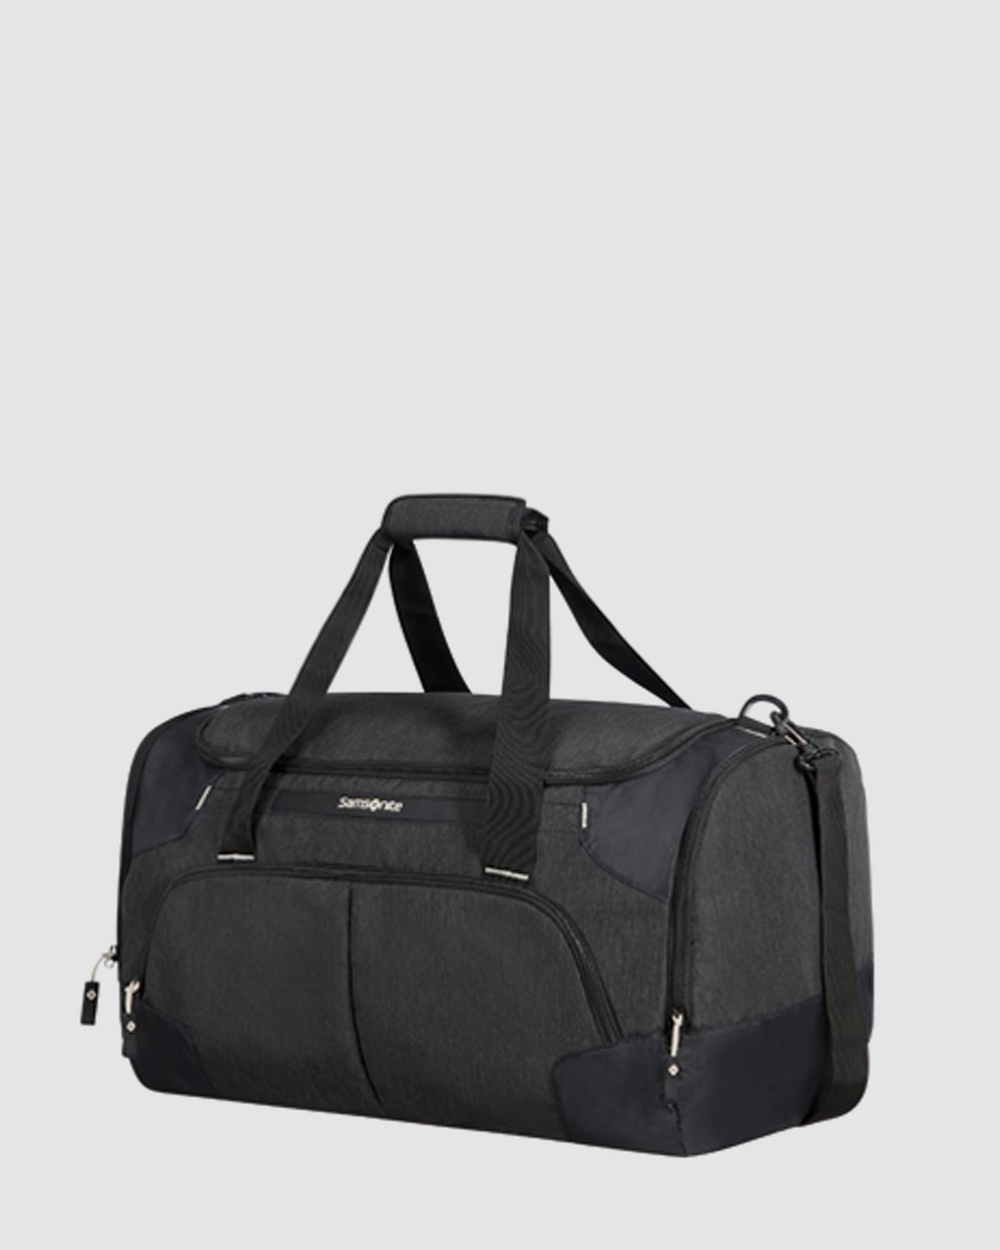 Samsonite Rewind Duffle 55cm Bag Bags Black